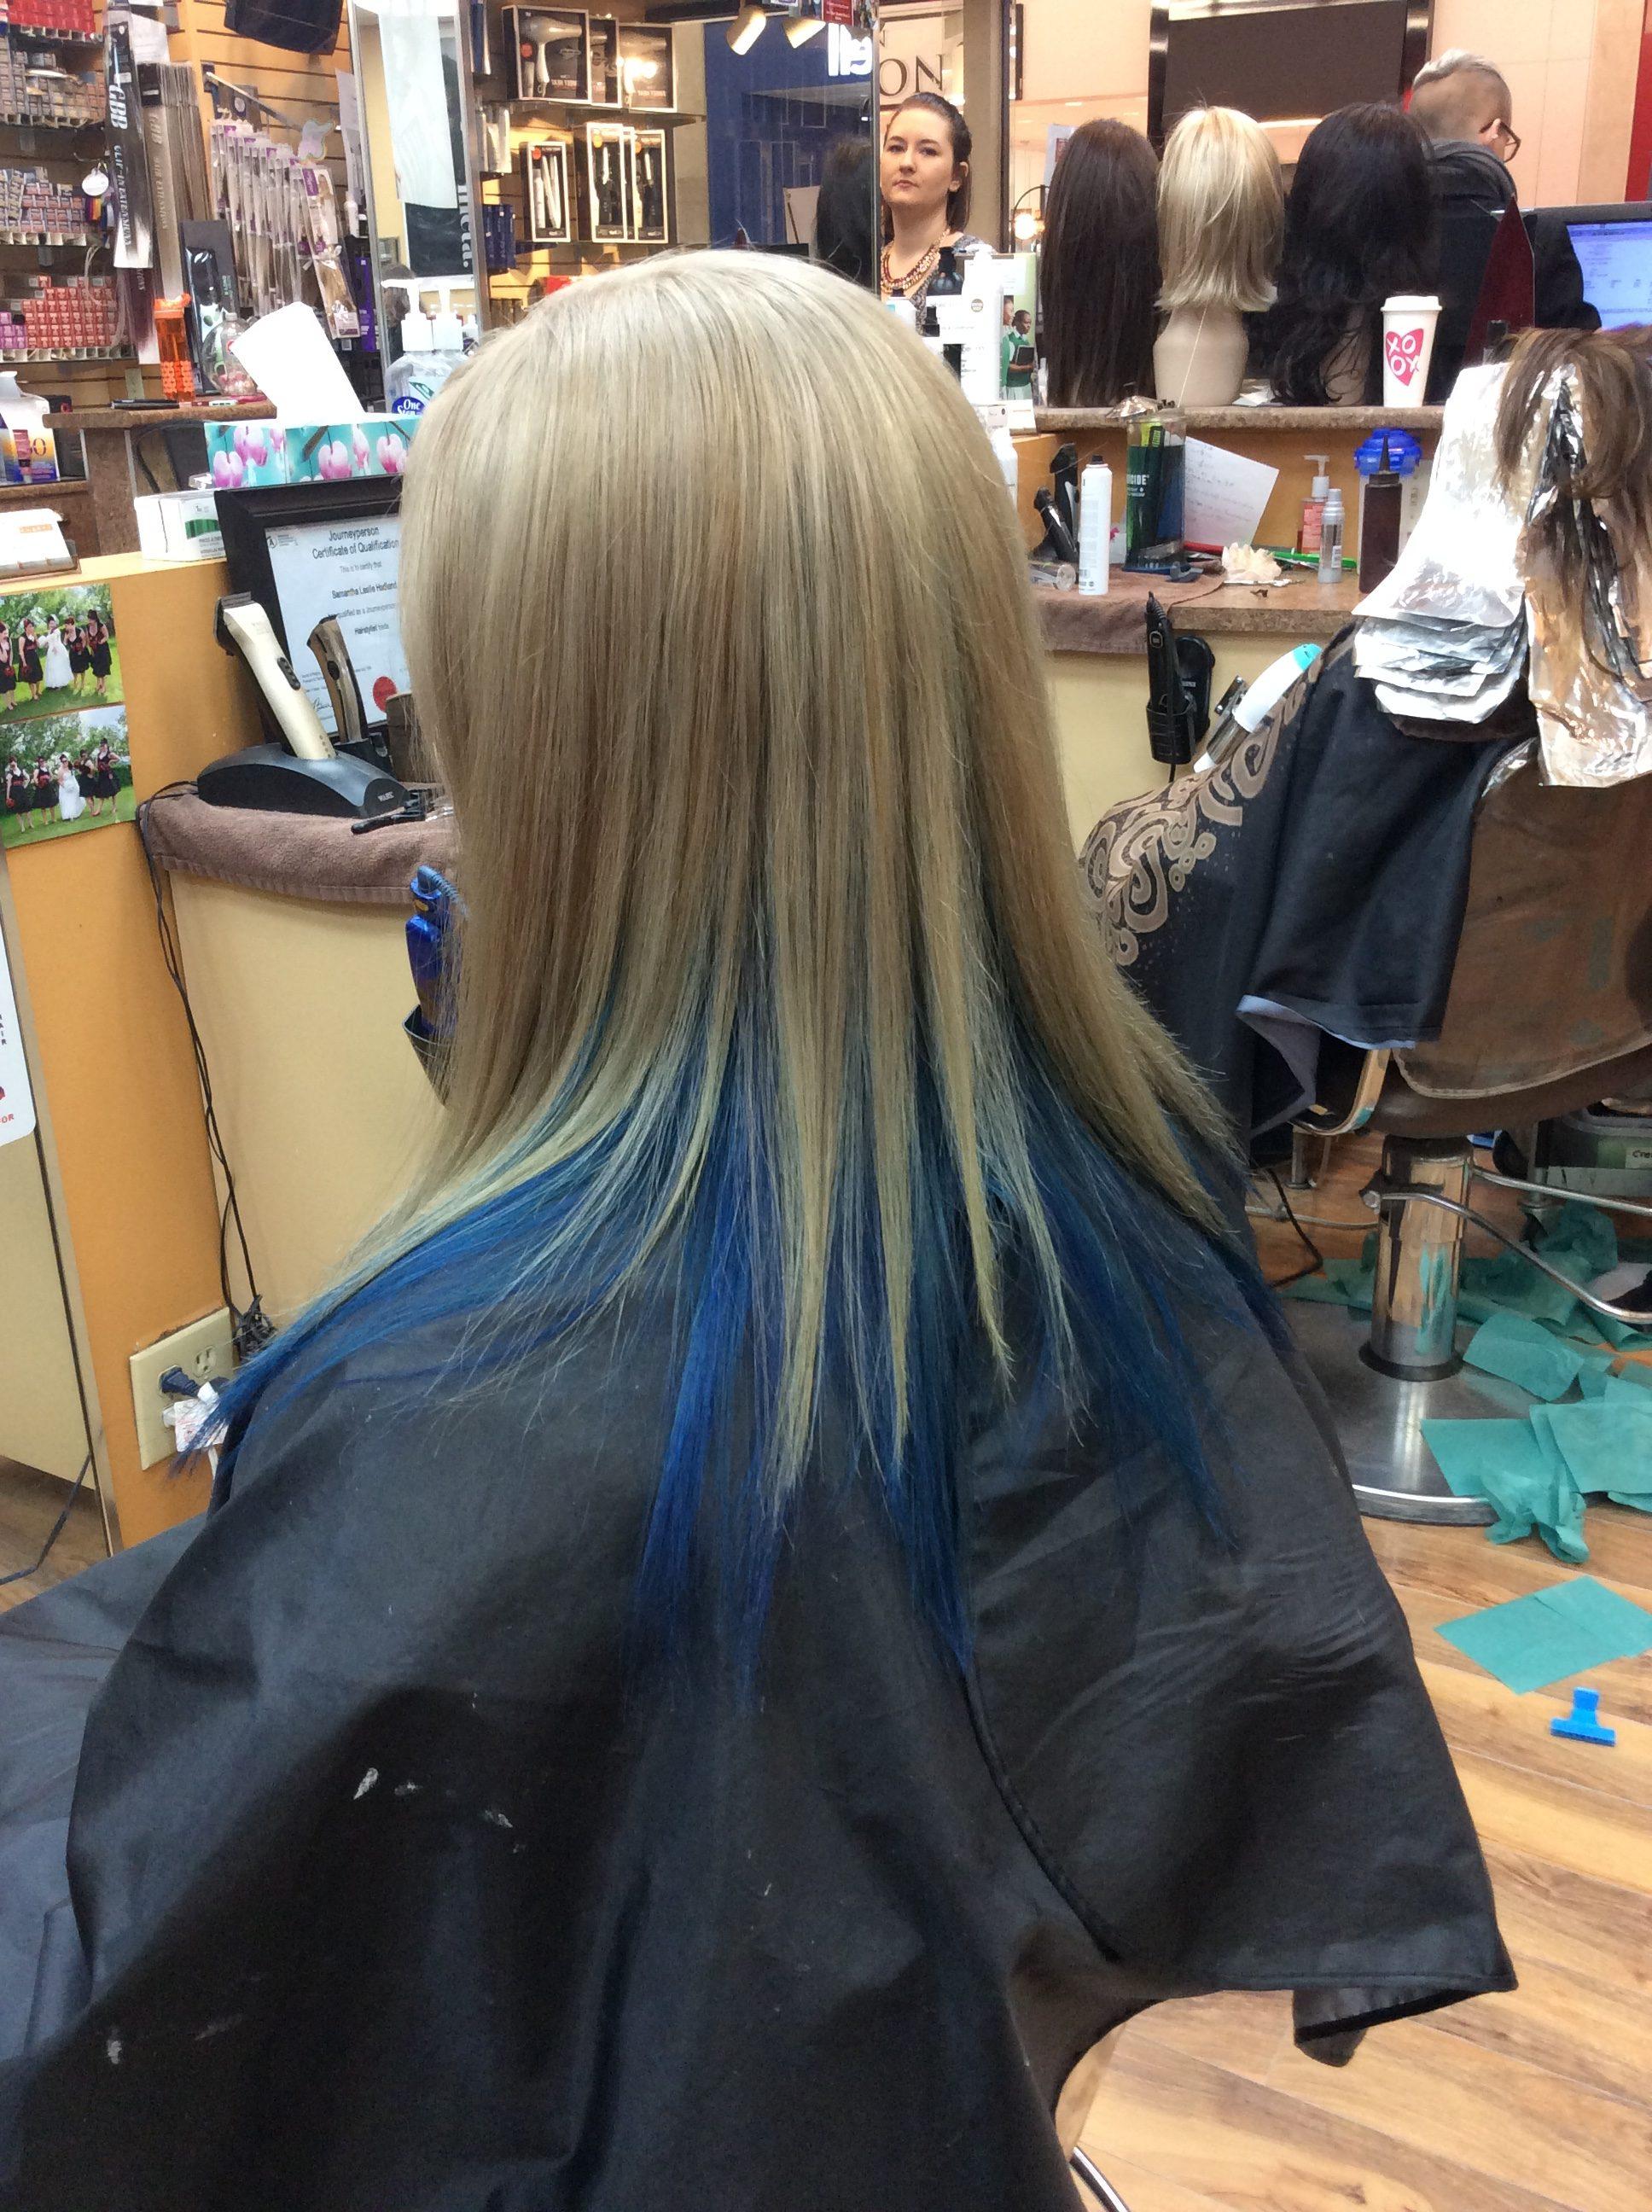 Blue blonde hair at hairstyle saskatoon